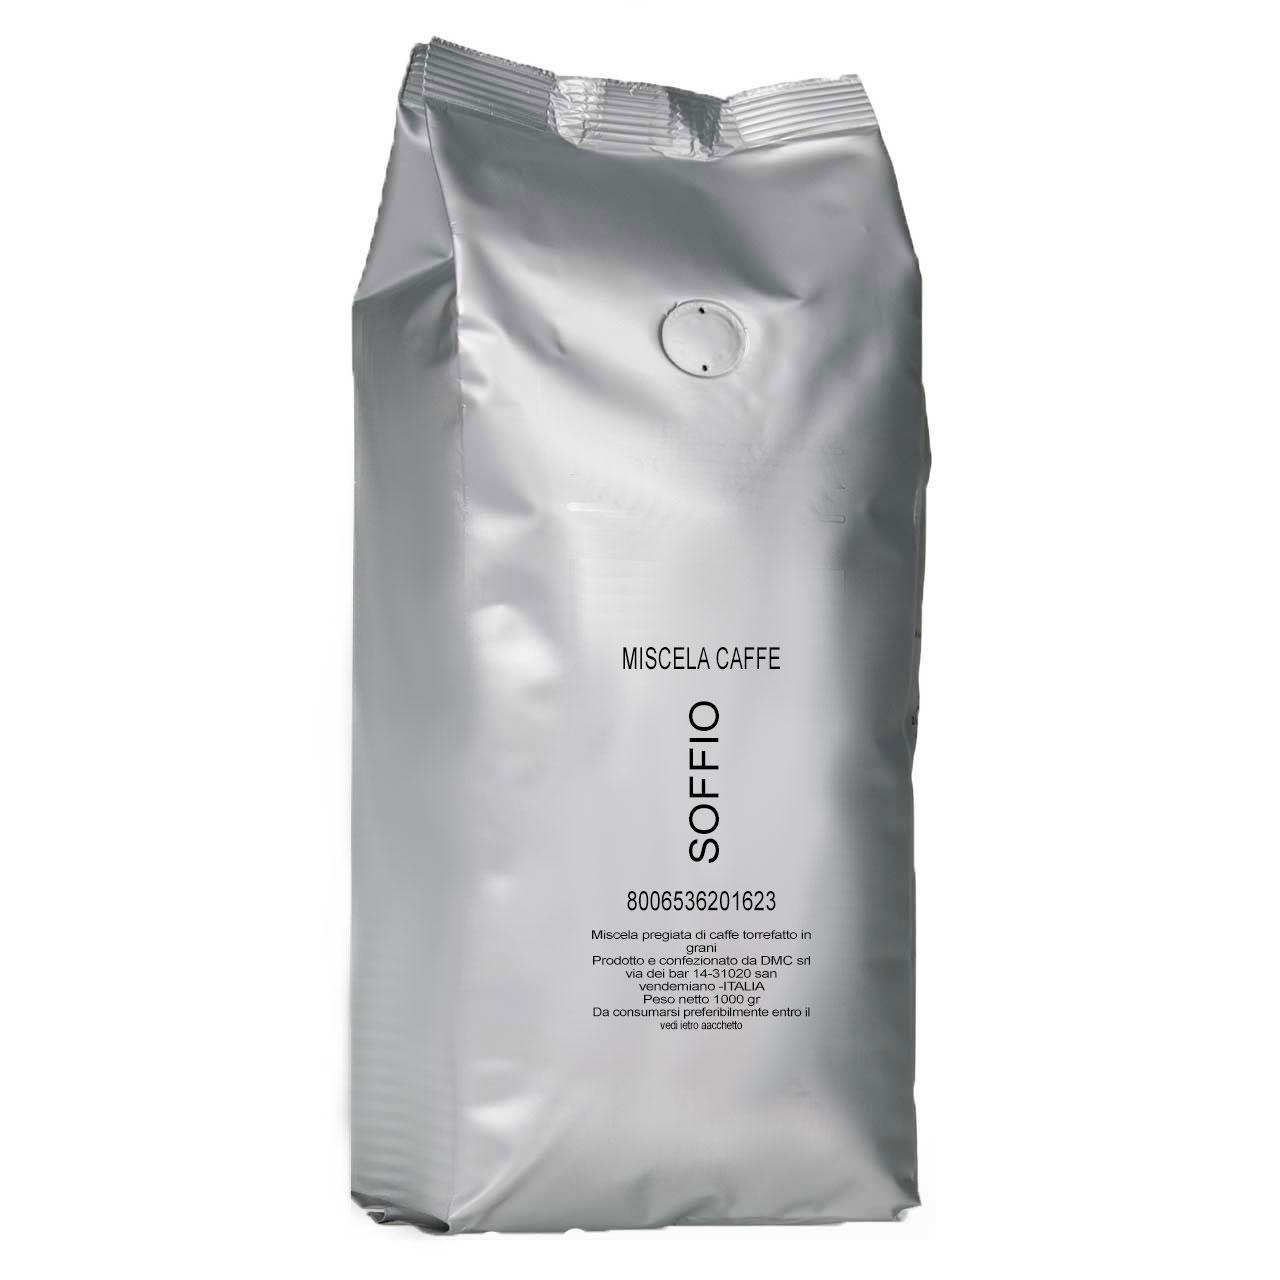 دانه قهوه مانوئل کافه مدل soffio مقدار 1000 گرم